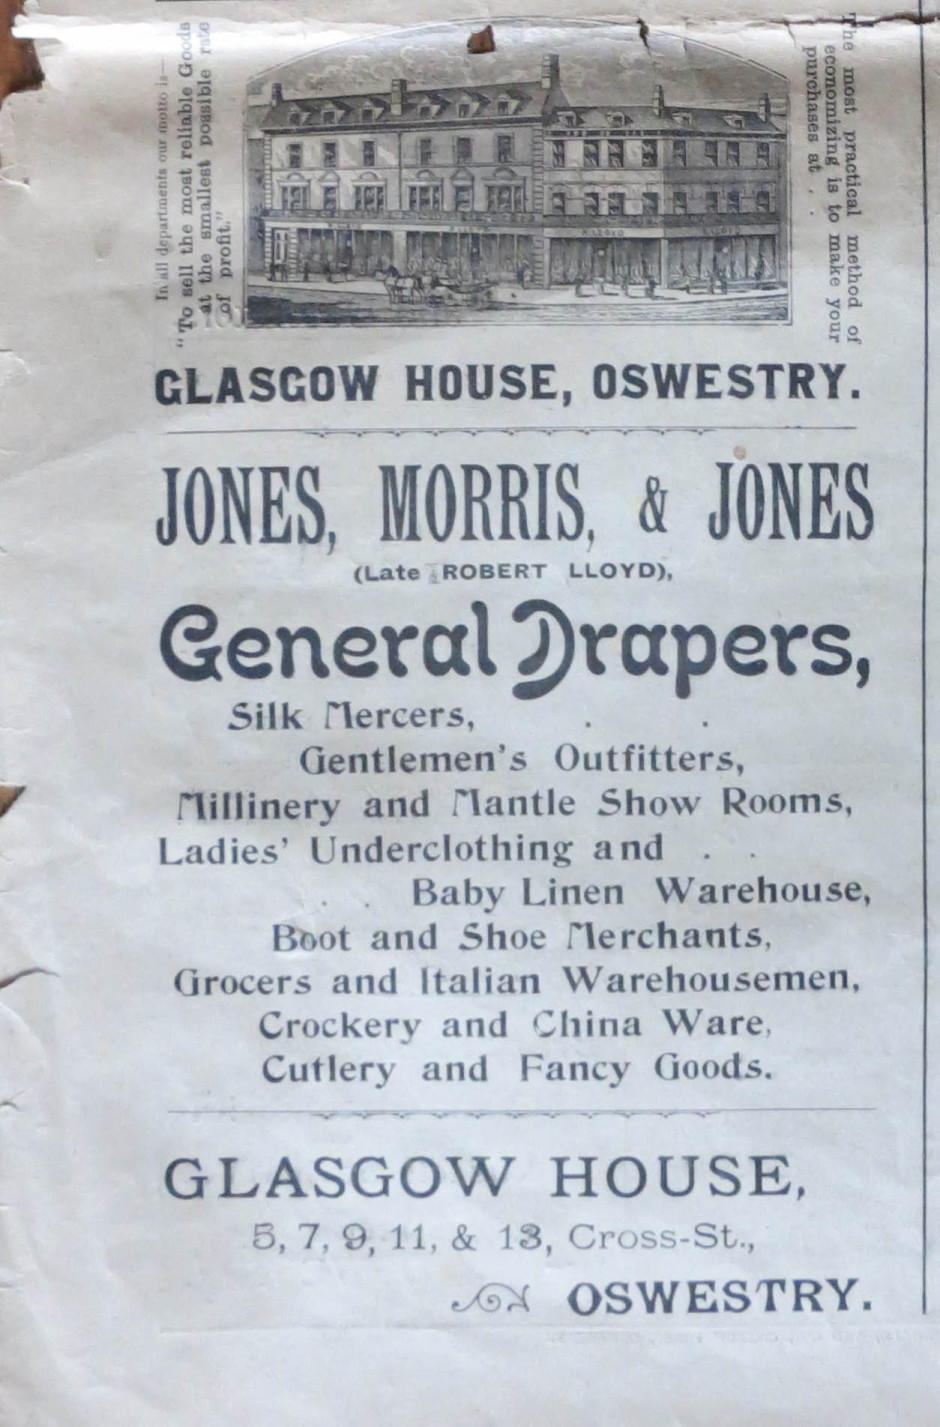 NP-O-5-7-49 - Jones, Morris & Jones - Advert 1899